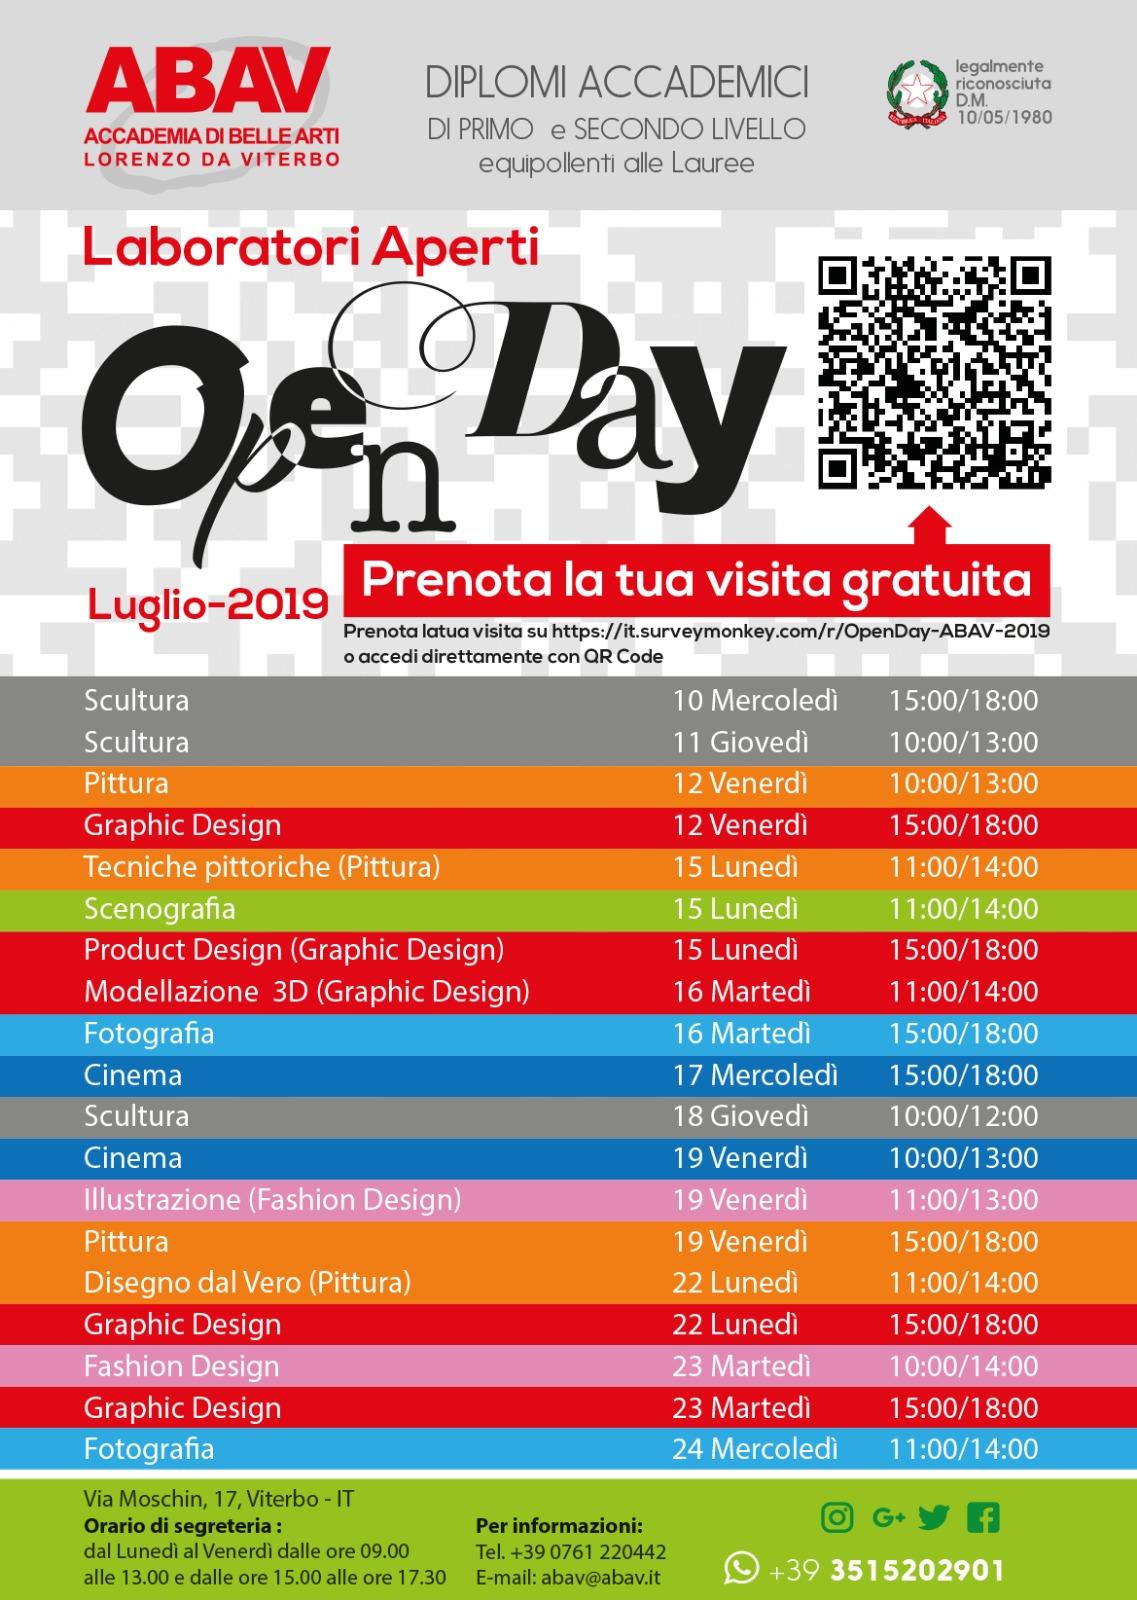 Calendario Anno 1980.Open Day Luglio 2019 Accademia Abav